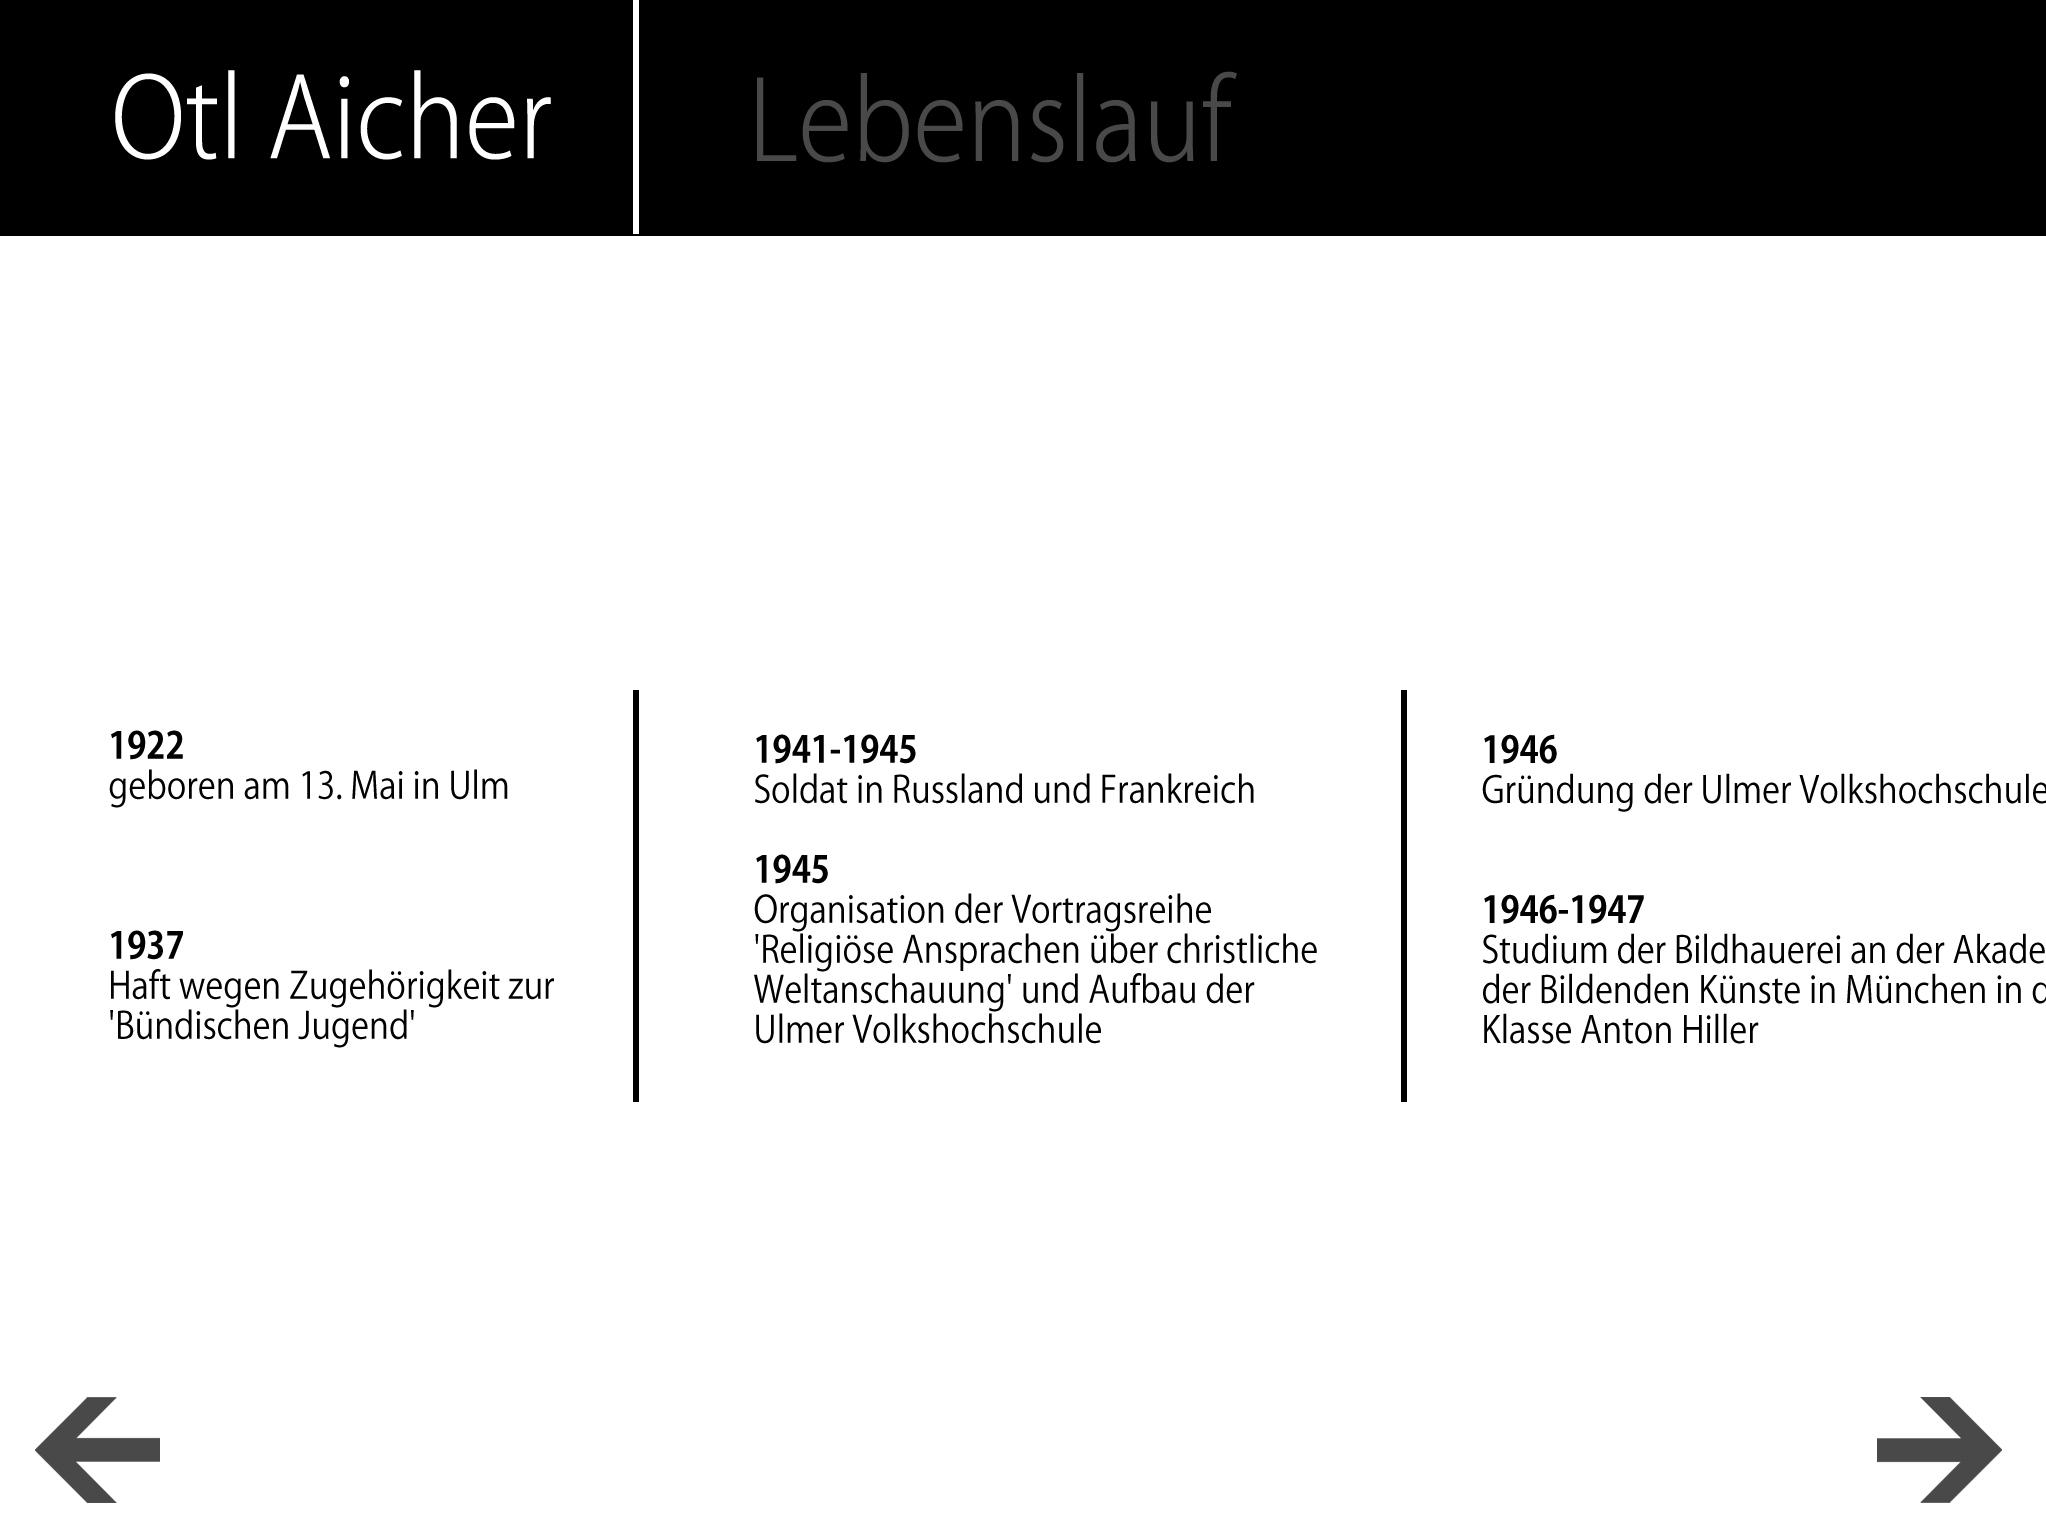 Beste Lebenslauf Für Die Jugend Galerie - Entry Level Resume ...